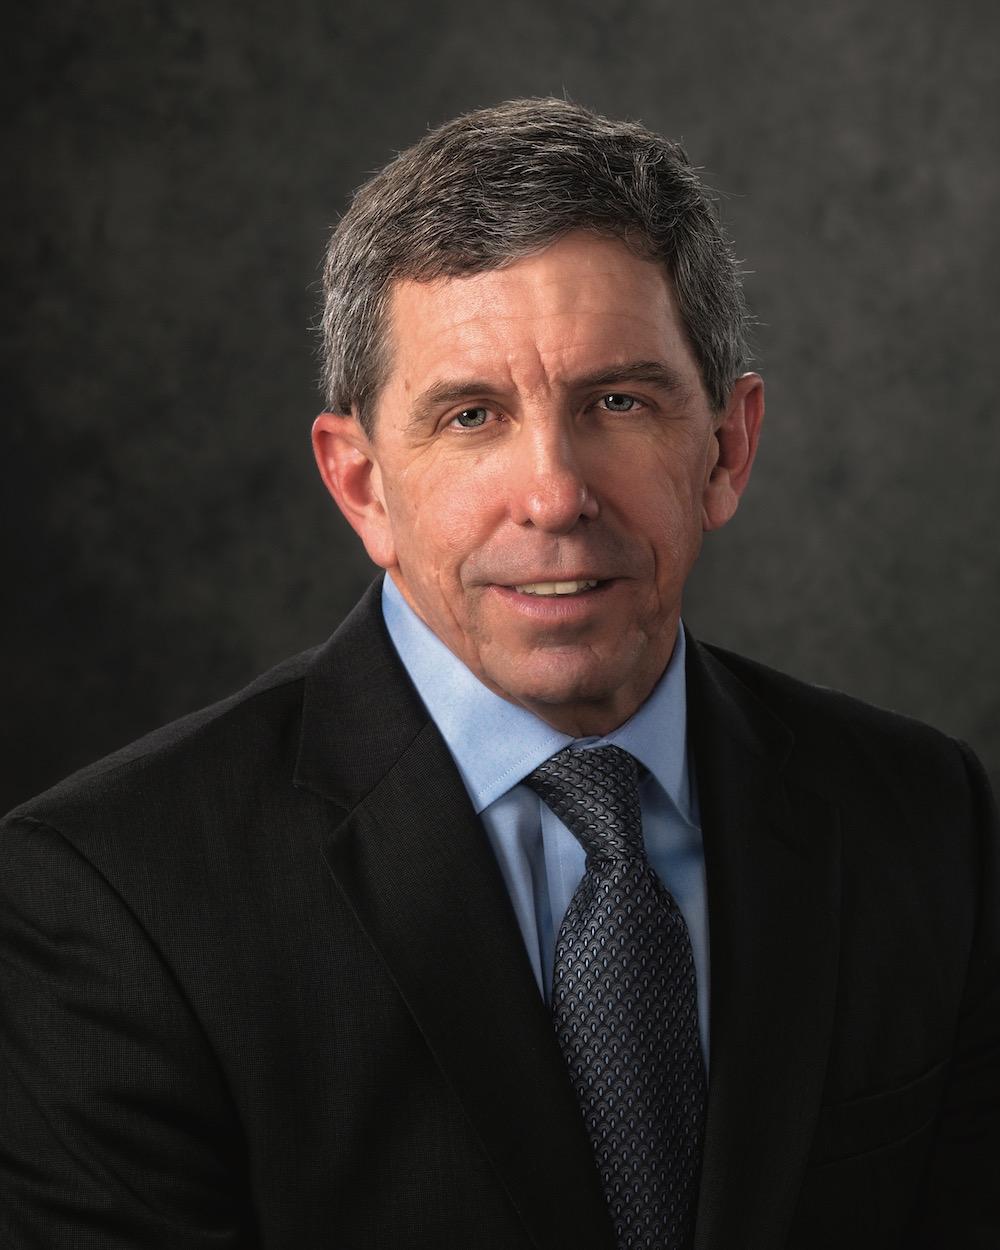 Virginia Peninsula Chamber of Commerce, Bob McKenna